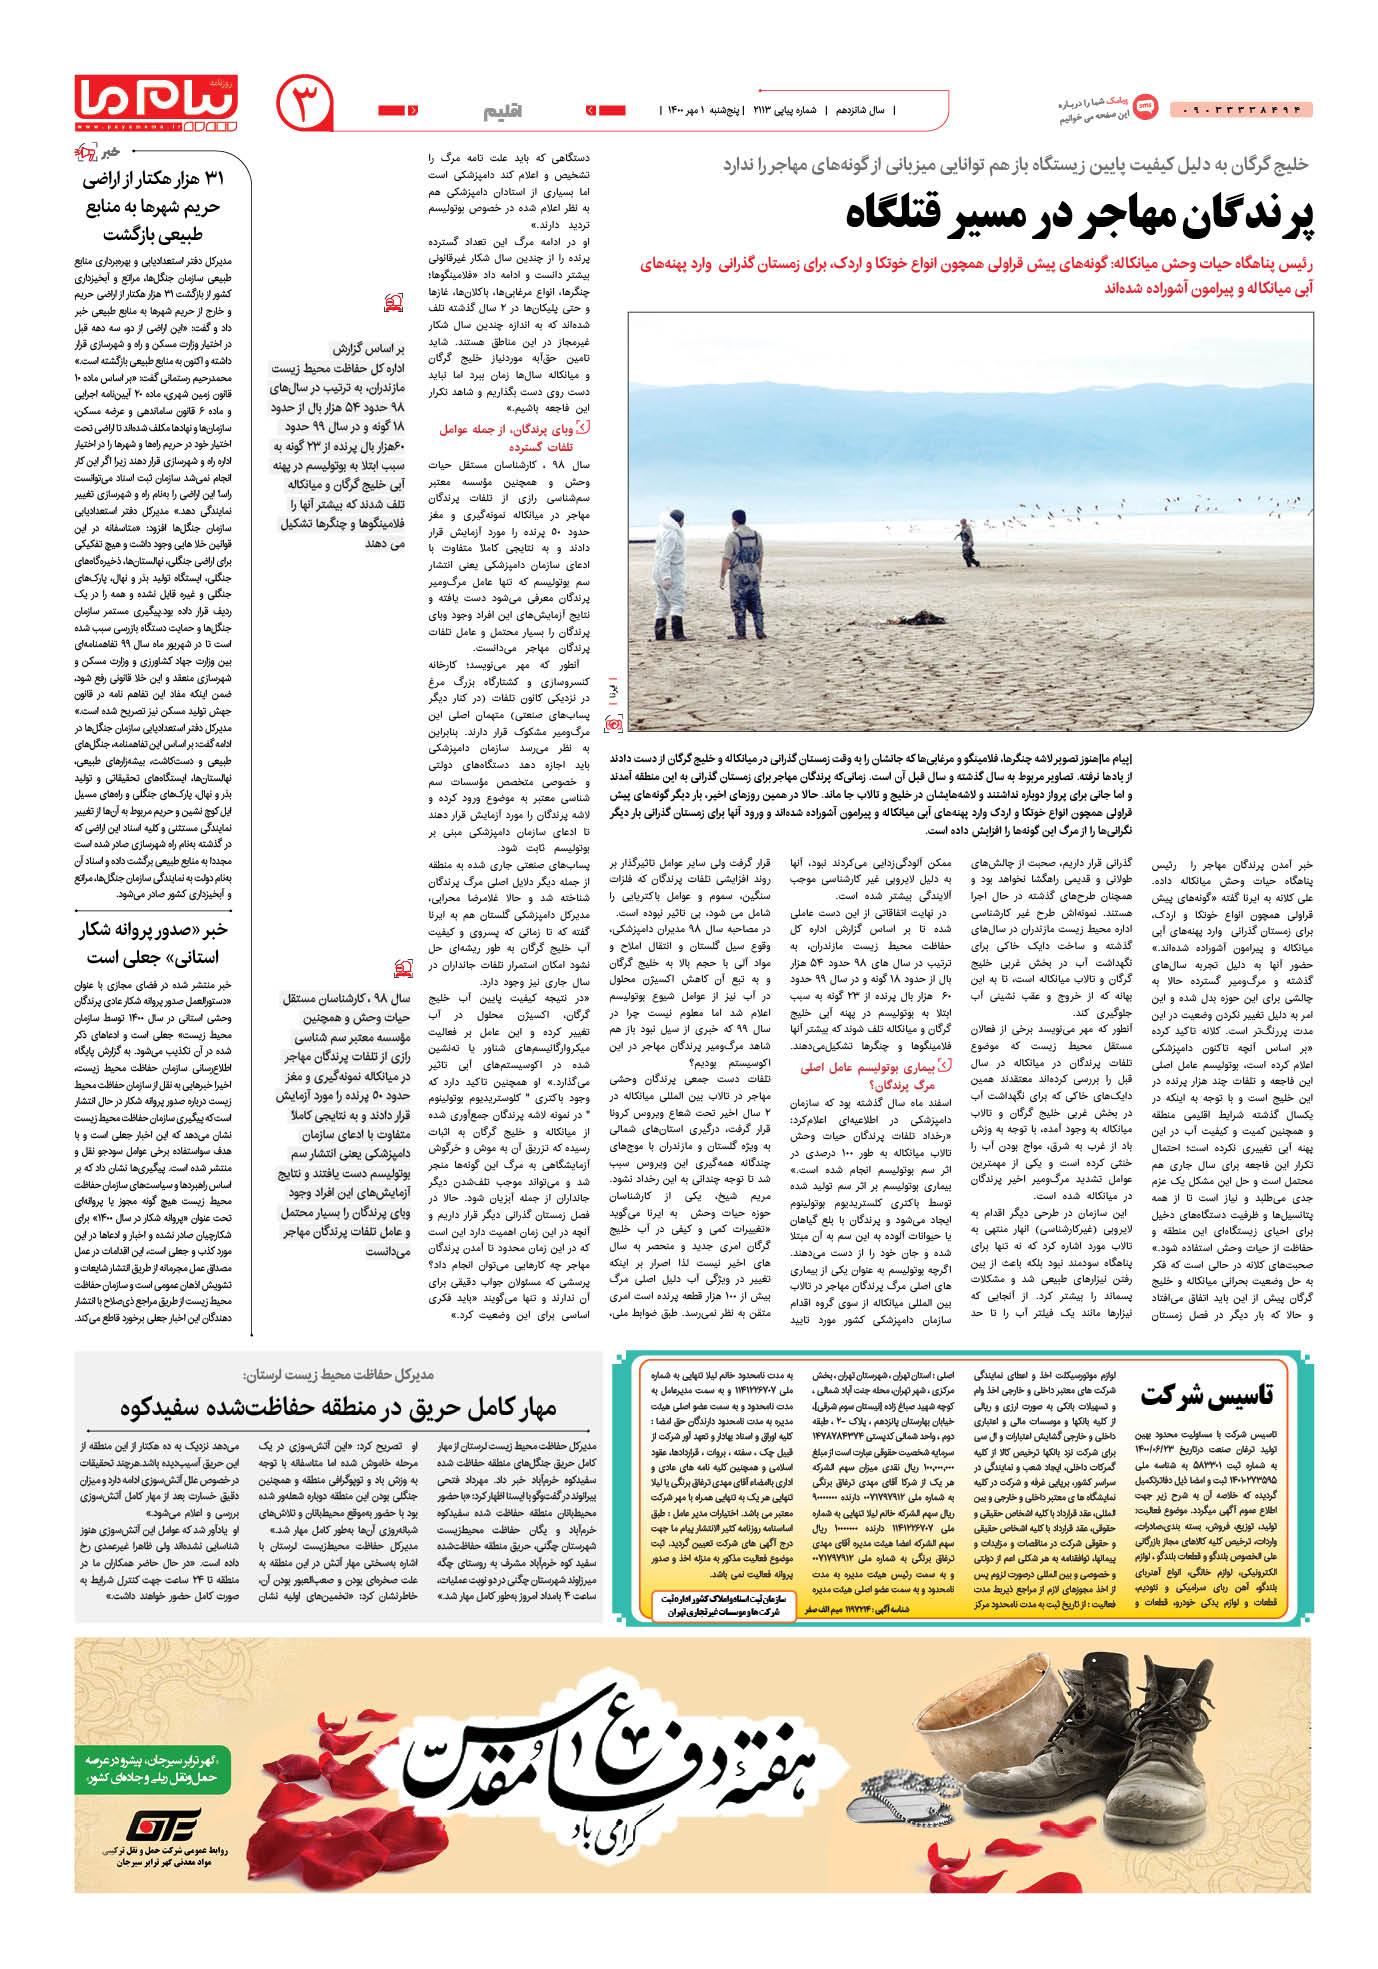 صفحه اقلیم شماره 2113 روزنامه پیام ما